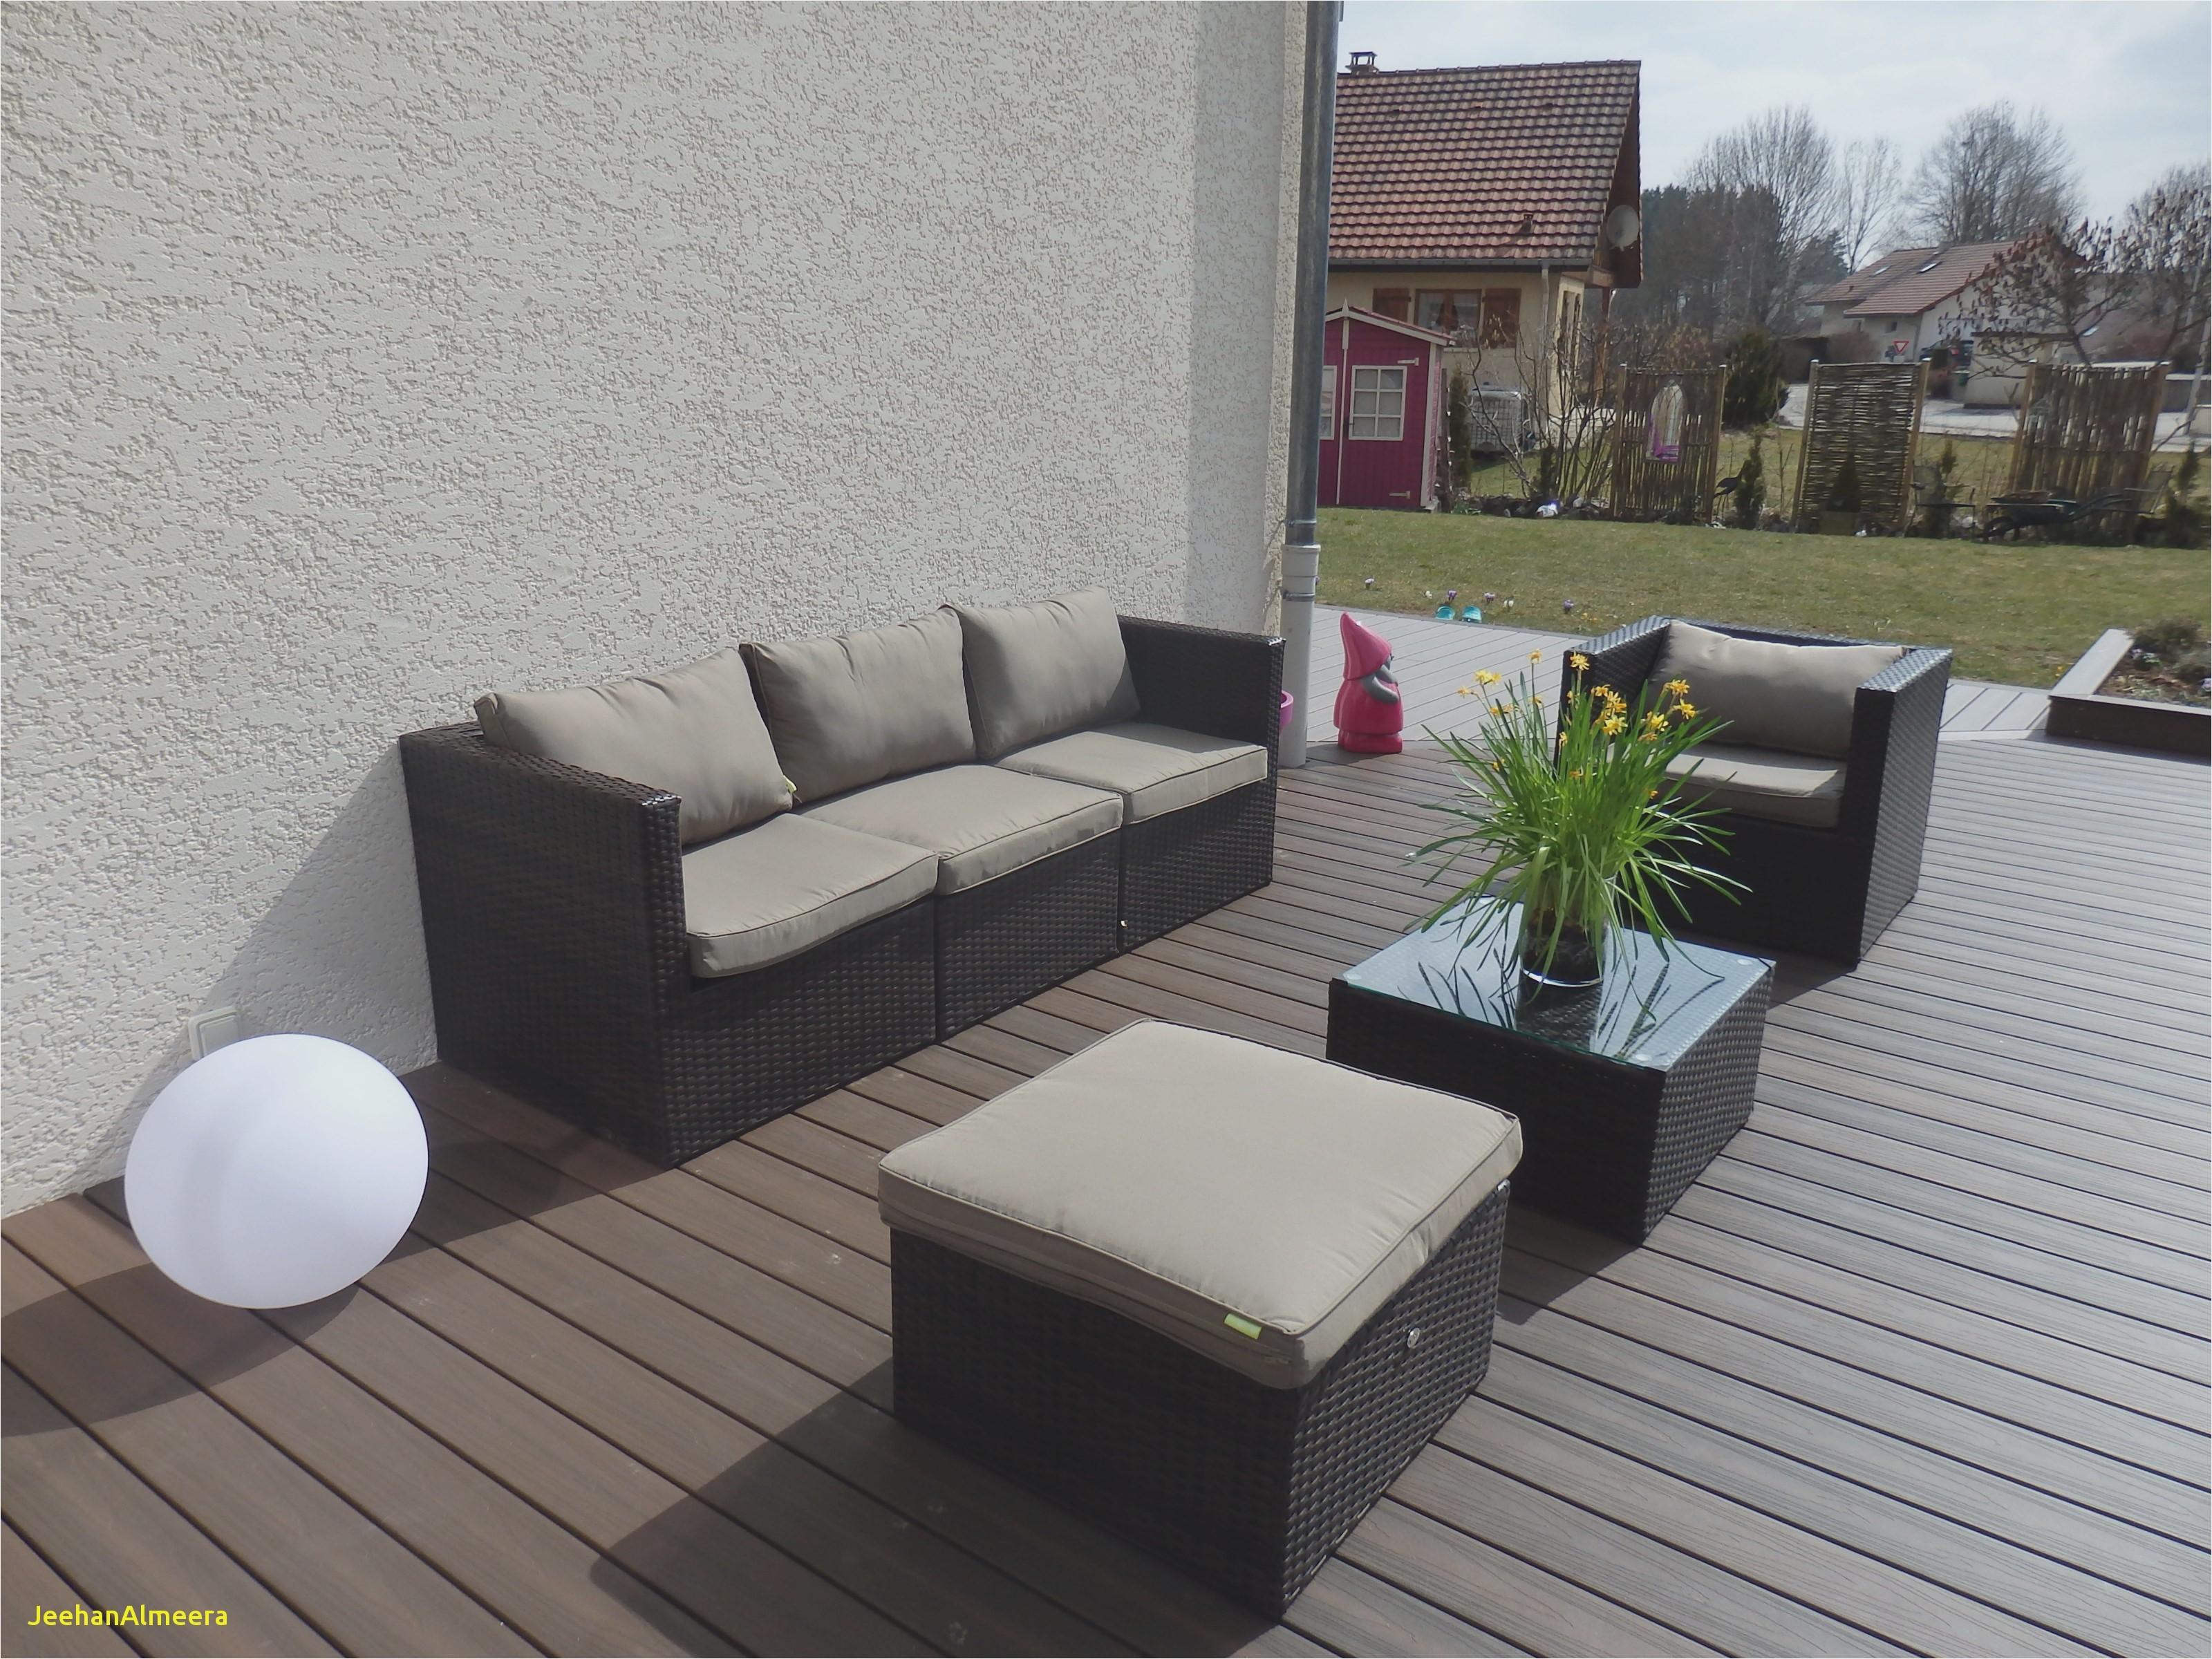 Salon de jardin resine bois - Abri de jardin et balancoire idée